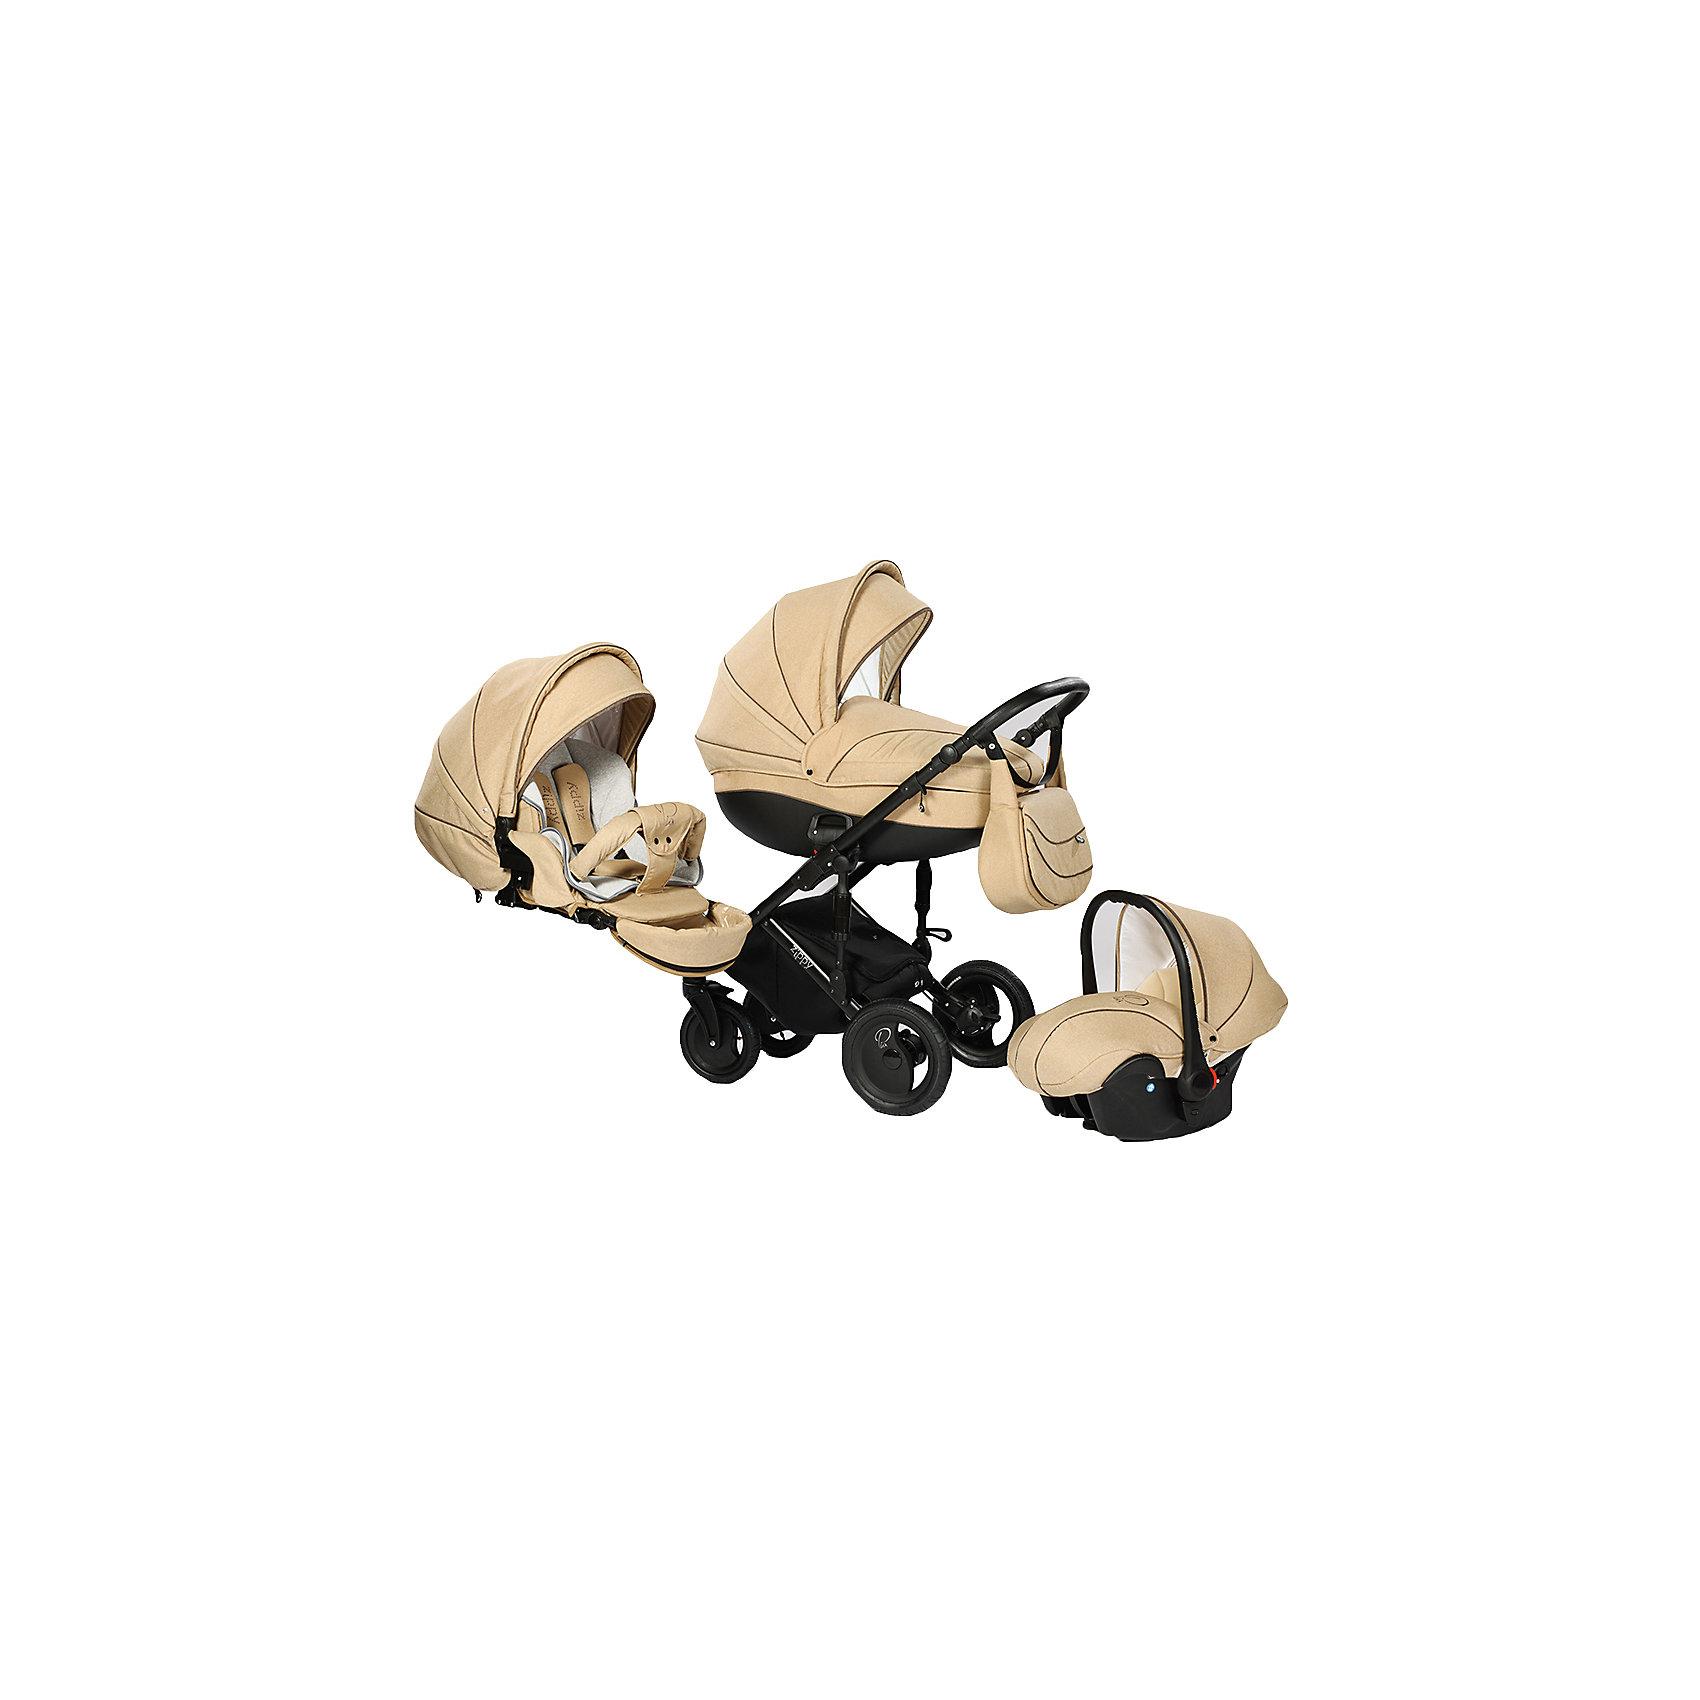 Коляска 3 в 1 PIA, Tutis, бежевый ленКоляска 3 в 1 PIA, Tutis, бежевый лен -это отличный и безопасный вариант для первых прогулок вашего малыша. Прогулочный блок устанавливается в двух направлениях. А с регулируемым подголовником в люльке вашему малышу будет ещё комфортнее и уютнее. Также регулируется и подножка по высоте. Тормоза, блокирующие два колеса одновременно уберегут коляску от столкновения. Люлька имеет вентиляционные отверстия в нижней части, что спасет малыша в жаркую погоду. Для удобства родителям ручка регулируется по высоте, а передние колёса - поворотные, с  возможностью и фиксации. Для изготовления коляски используется специально сотканная прочная, но нежная хлопчатобумажная ткань, а особая технология SILVER PLUS обеспечивает дополнительную защиту от микробов и аллергенов.<br>  Общая характеристика:<br>-Цвет:  бежевый лен<br>-Вес: 4,3 кг - люлька<br>          4,8кг - прогулочный блок<br>          2,85 кг - автомобильное кресло<br>-Размер: люлька- 87х39х24 см<br>                 прогулочный блок- 95х39х24 см <br>                 автомобильное кресло- 74х32х30 см<br>-Складывается книжкой<br>-Капюшон с панорамным окошком<br>-Пятиточечные ремни безопасности<br>-Два чехла на ноги( на люльки, на прогулочный блок)<br>-Дождевик<br>-Противомоскитная сетка<br>-Подвесная сумка<br><br>Дополнительная информация:<br>-Бренд: Tutis(тутис) Литва<br><br>Коляску 3 в 1 PIA, Tutis, бежевый лен  вы можете приобрести в нашем интернет- магазине.<br><br>Ширина мм: 930<br>Глубина мм: 600<br>Высота мм: 650<br>Вес г: 26150<br>Возраст от месяцев: 0<br>Возраст до месяцев: 36<br>Пол: Унисекс<br>Возраст: Детский<br>SKU: 5012367